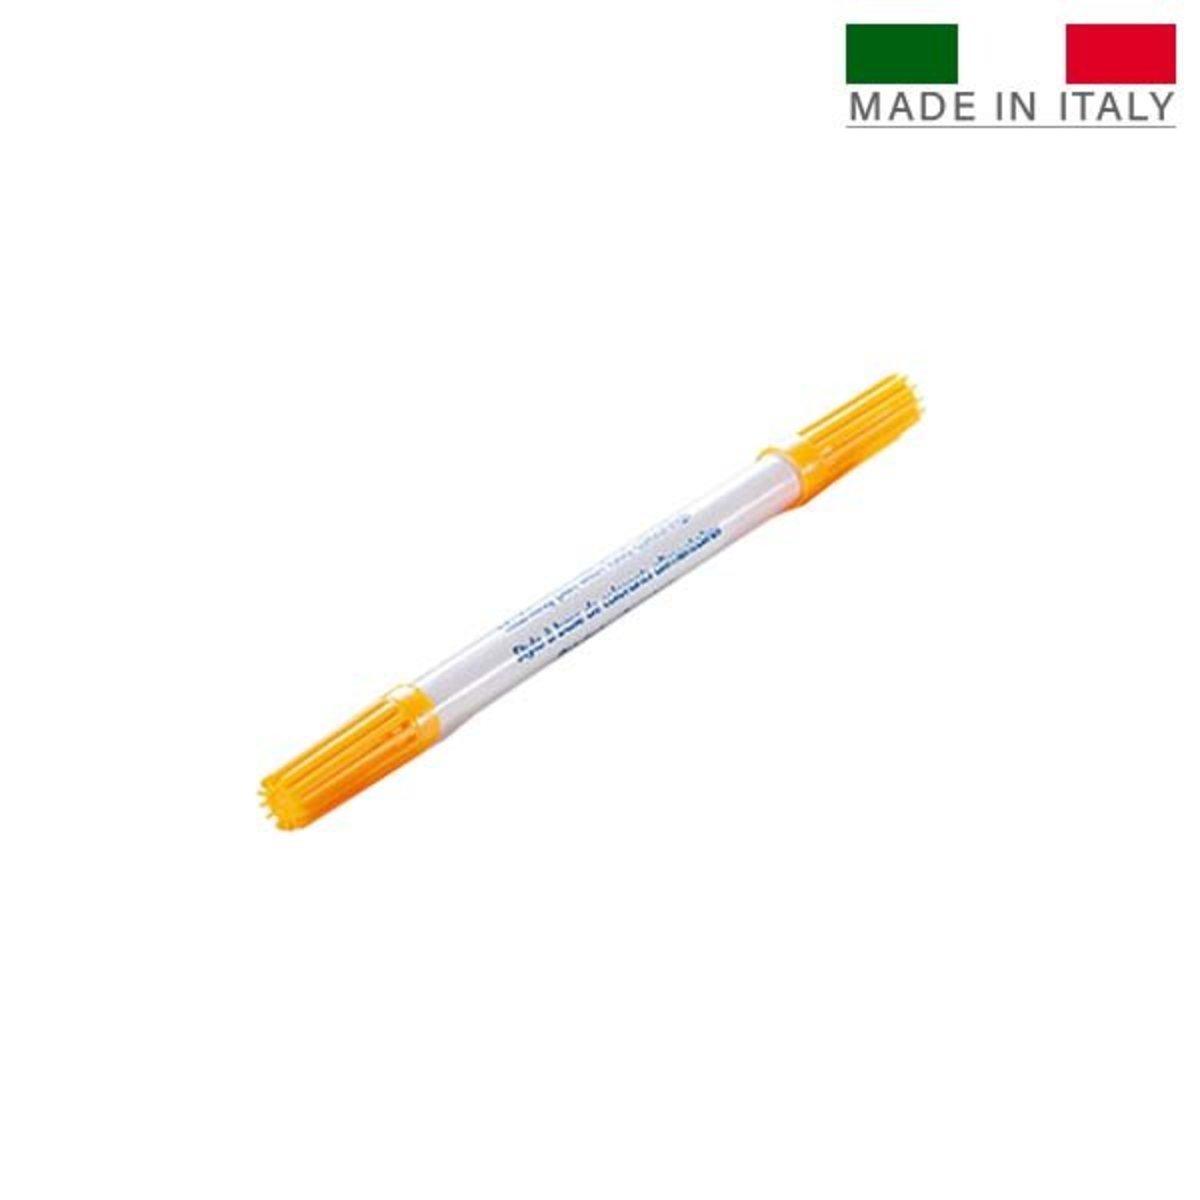 食用色素筆 【意大利製】 - 黃色